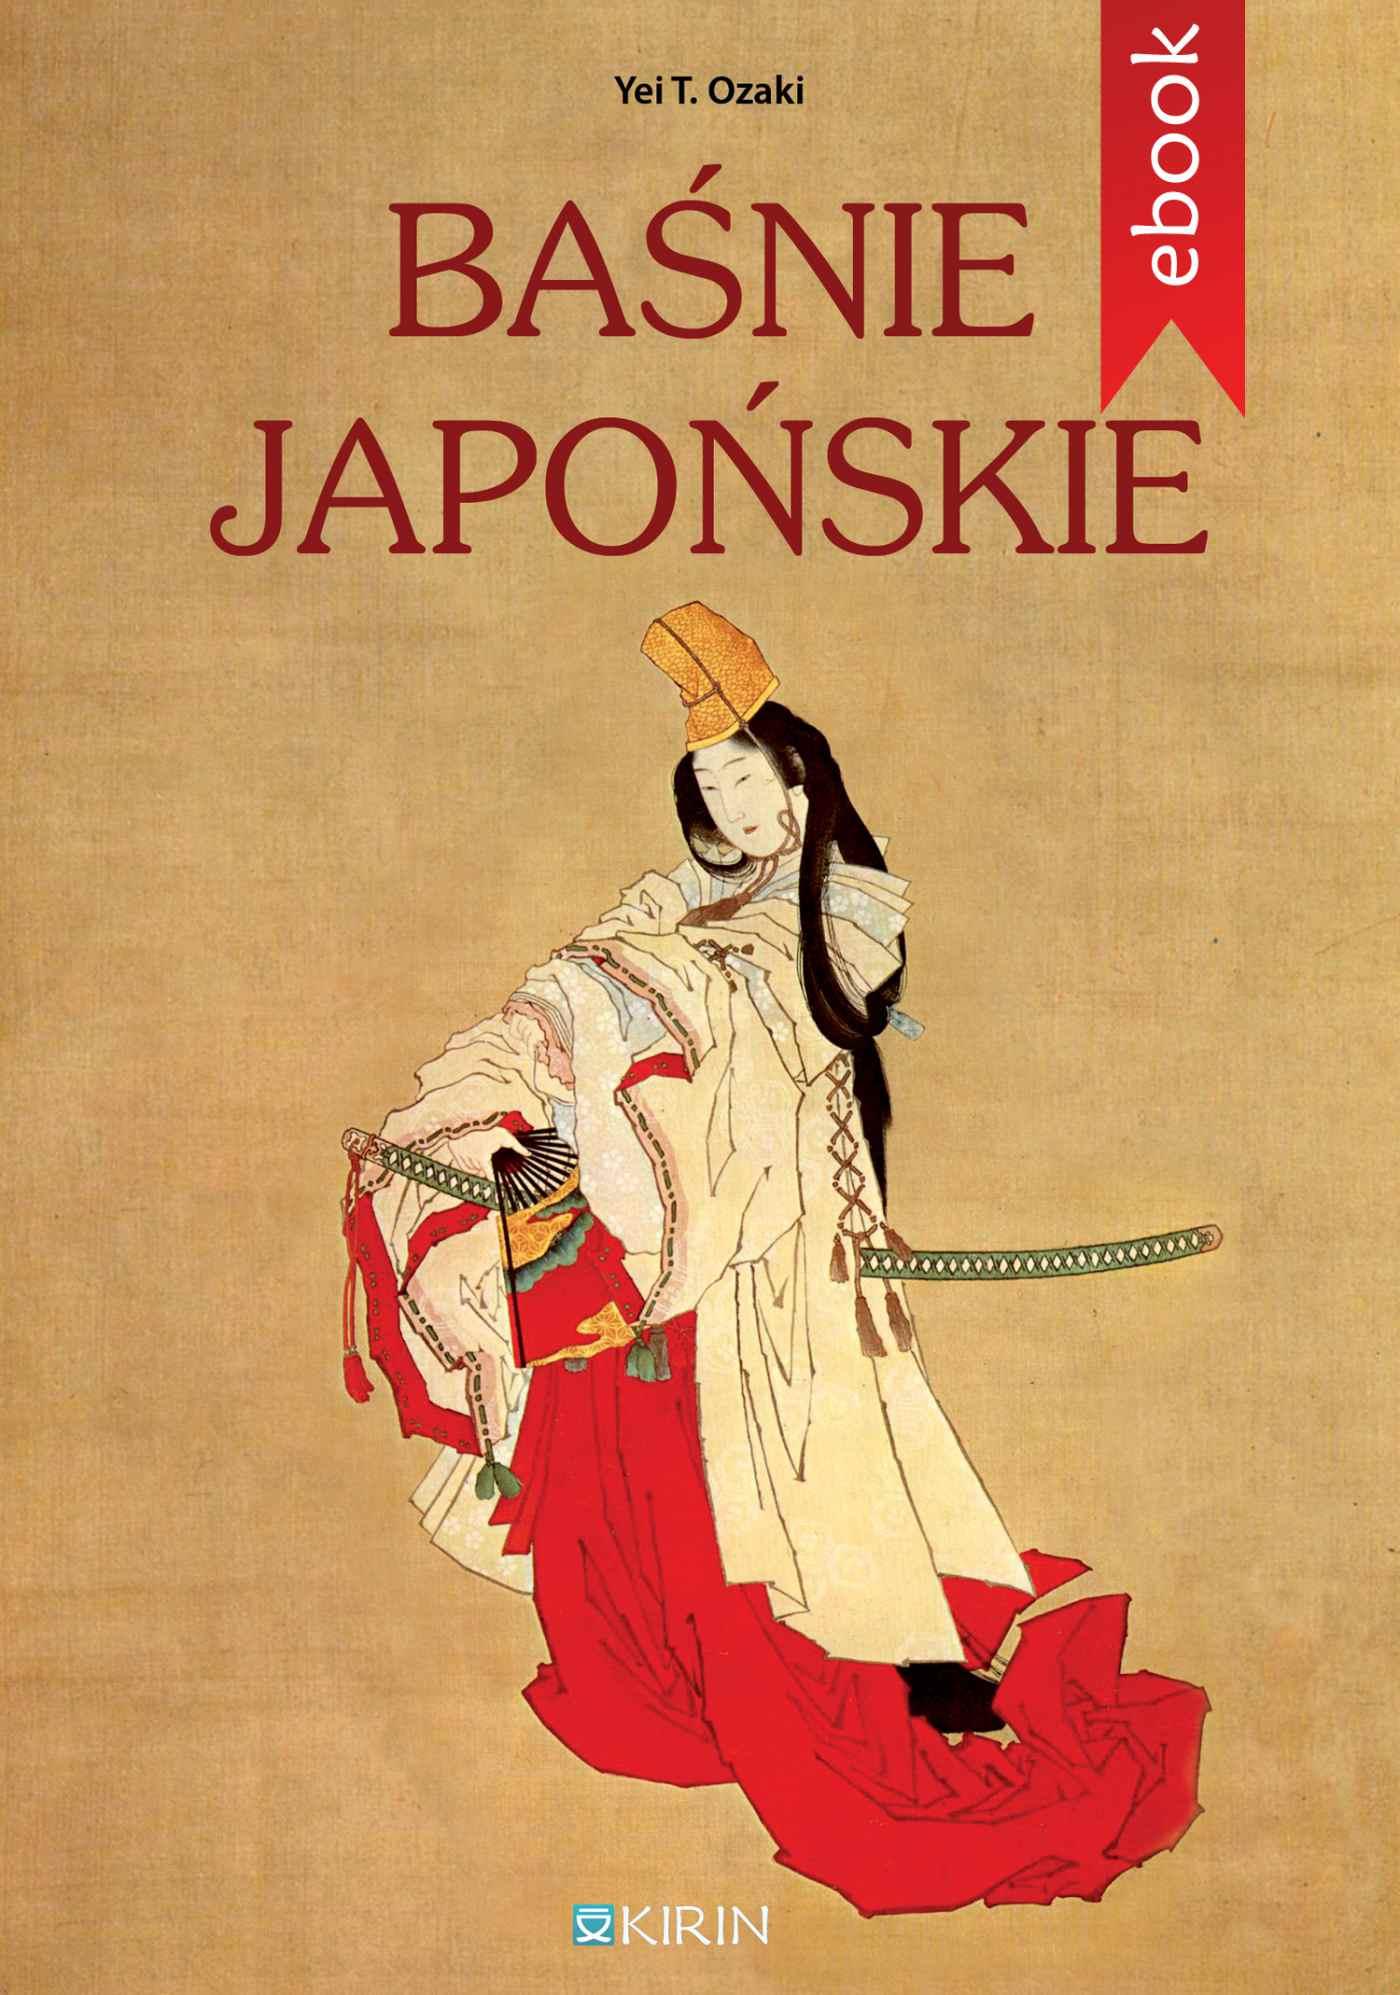 Baśnie japońskie - Ebook (Książka na Kindle) do pobrania w formacie MOBI